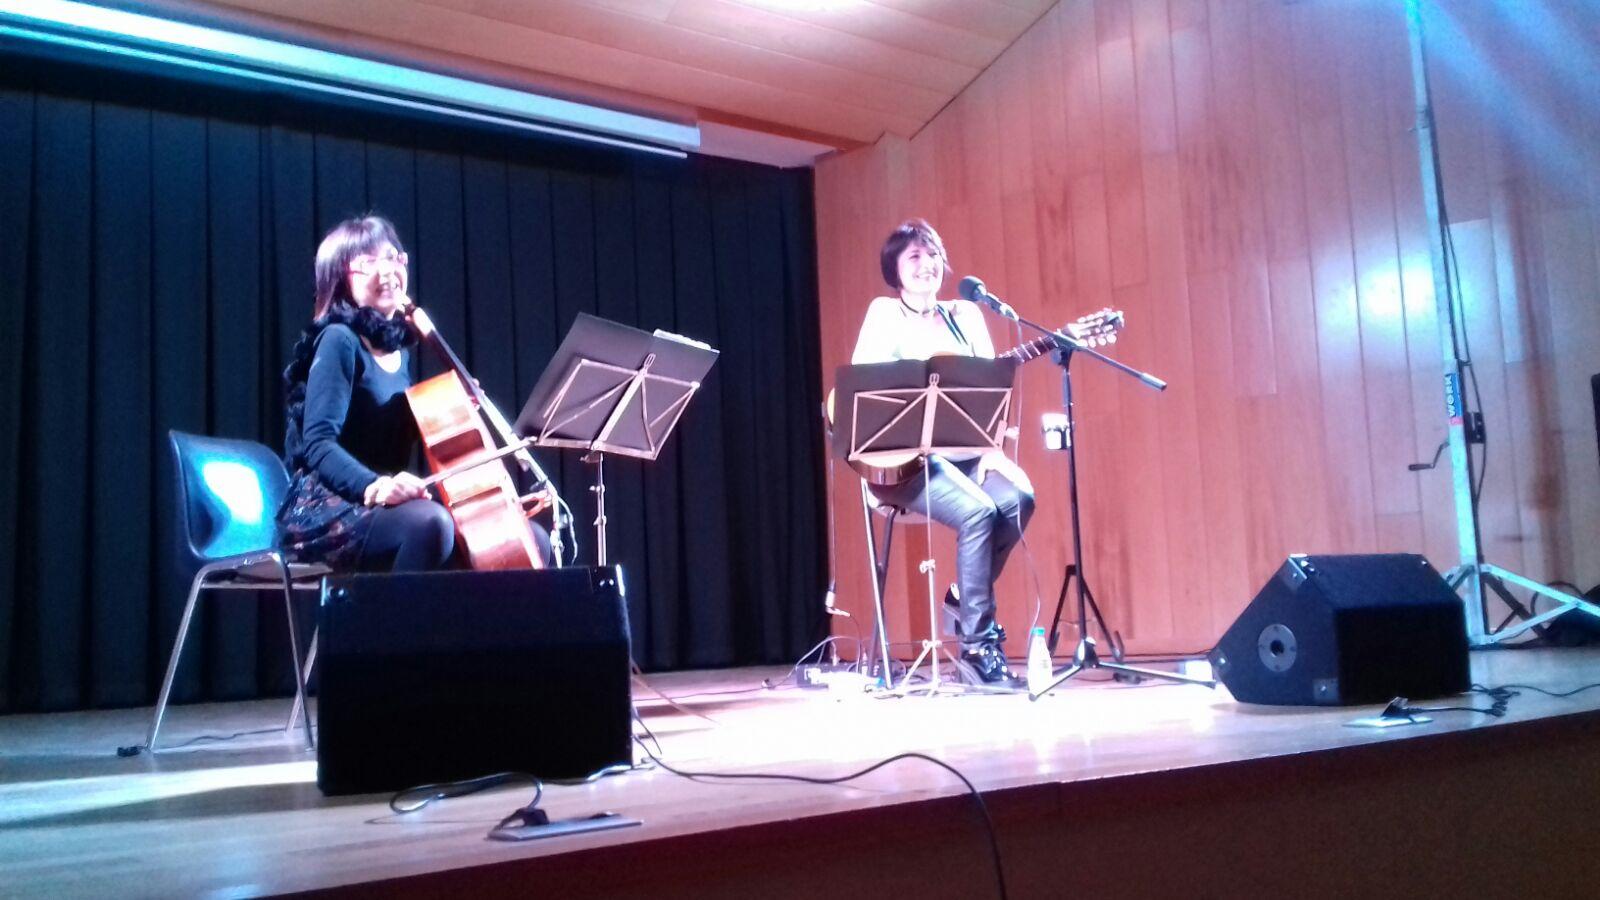 Concierto de Eva Dénia acompañada de la violoncelista Merxe Martínez en Vilamarxant.